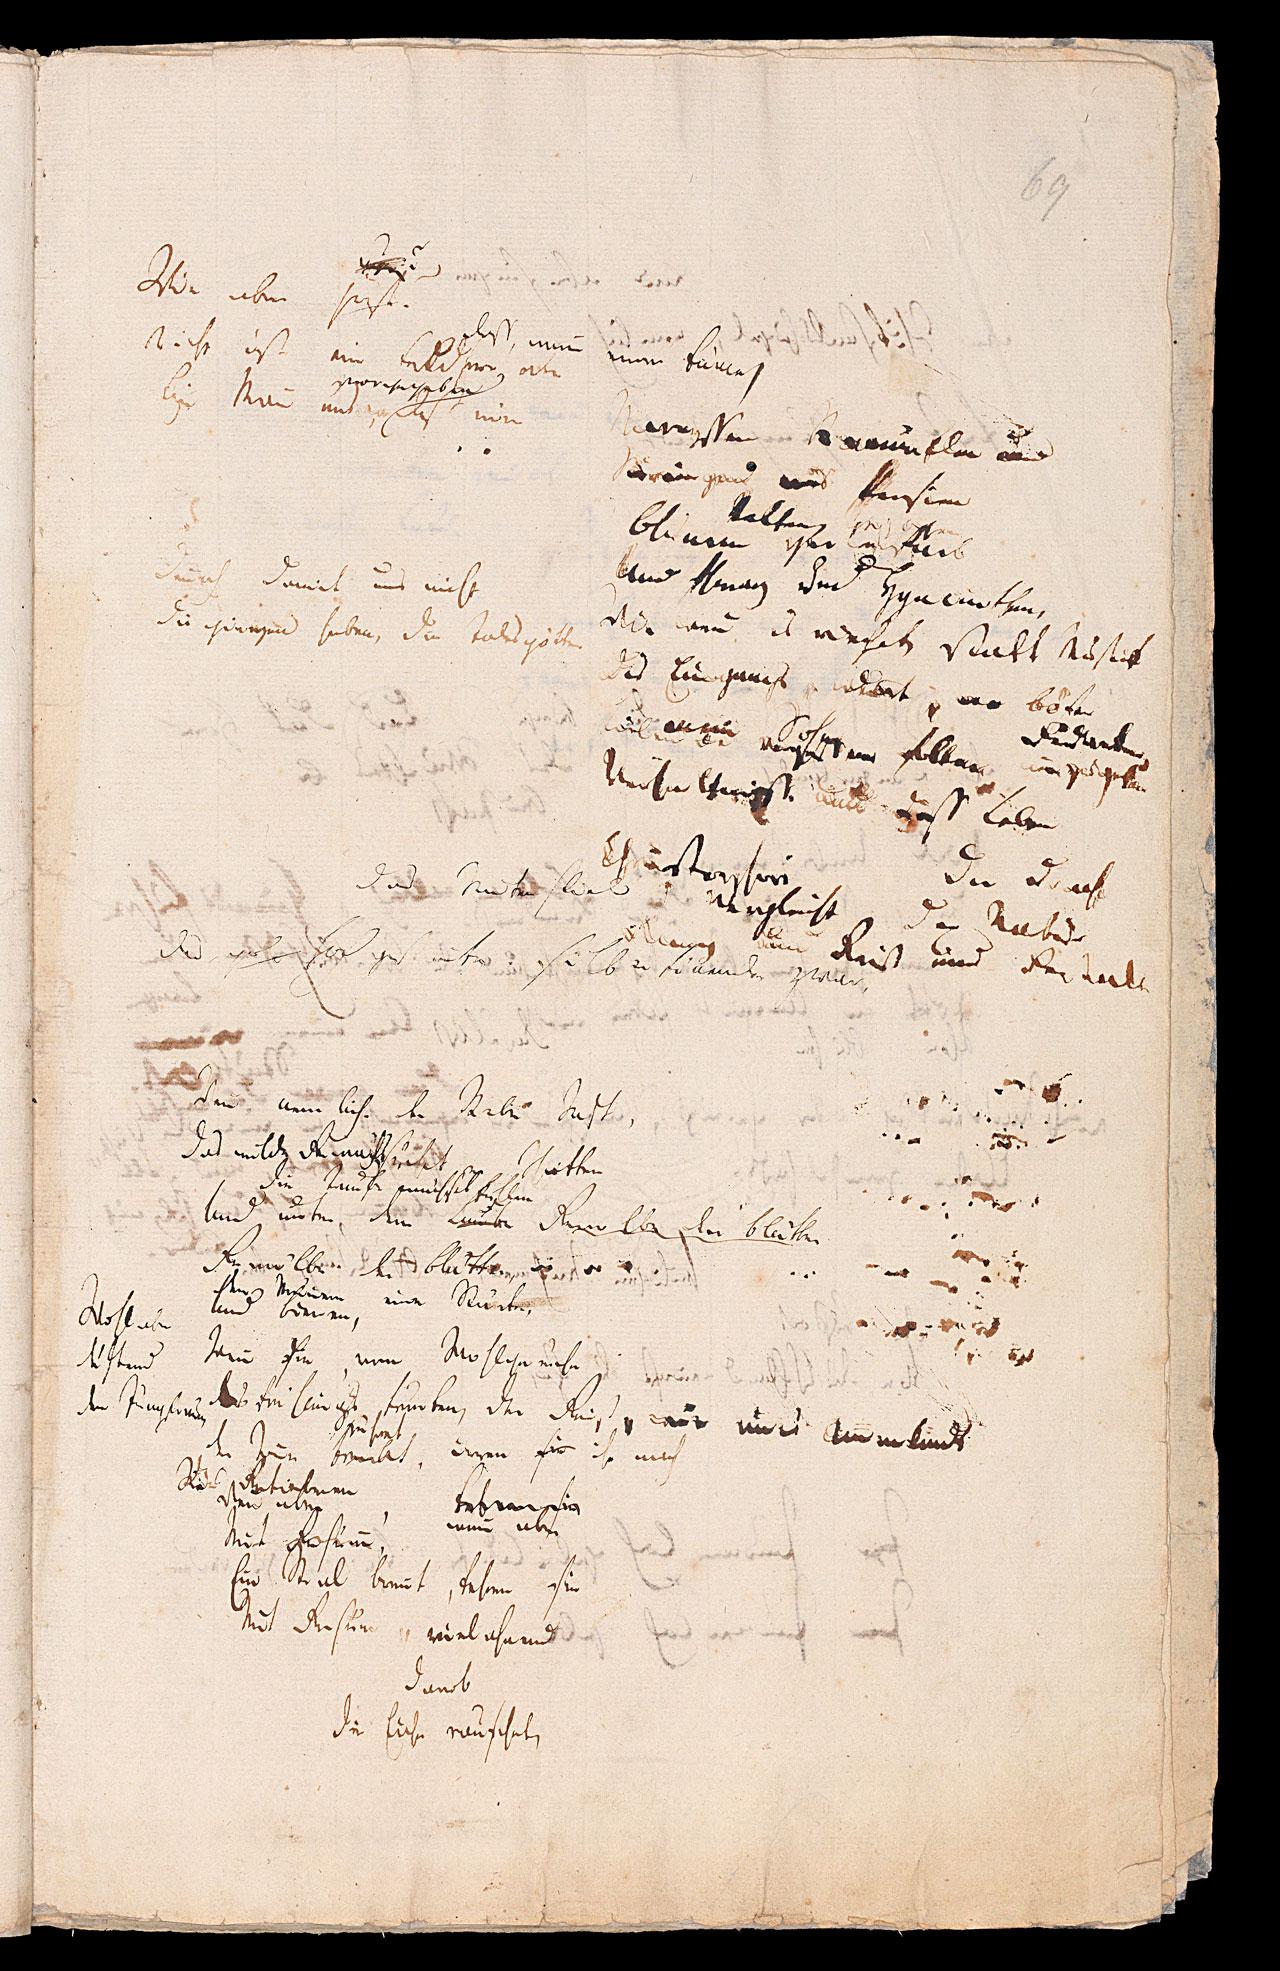 Friedrich Hölderlin, Homburger Folioheft, Seite 69, Wie aber jezt…, Handschrift